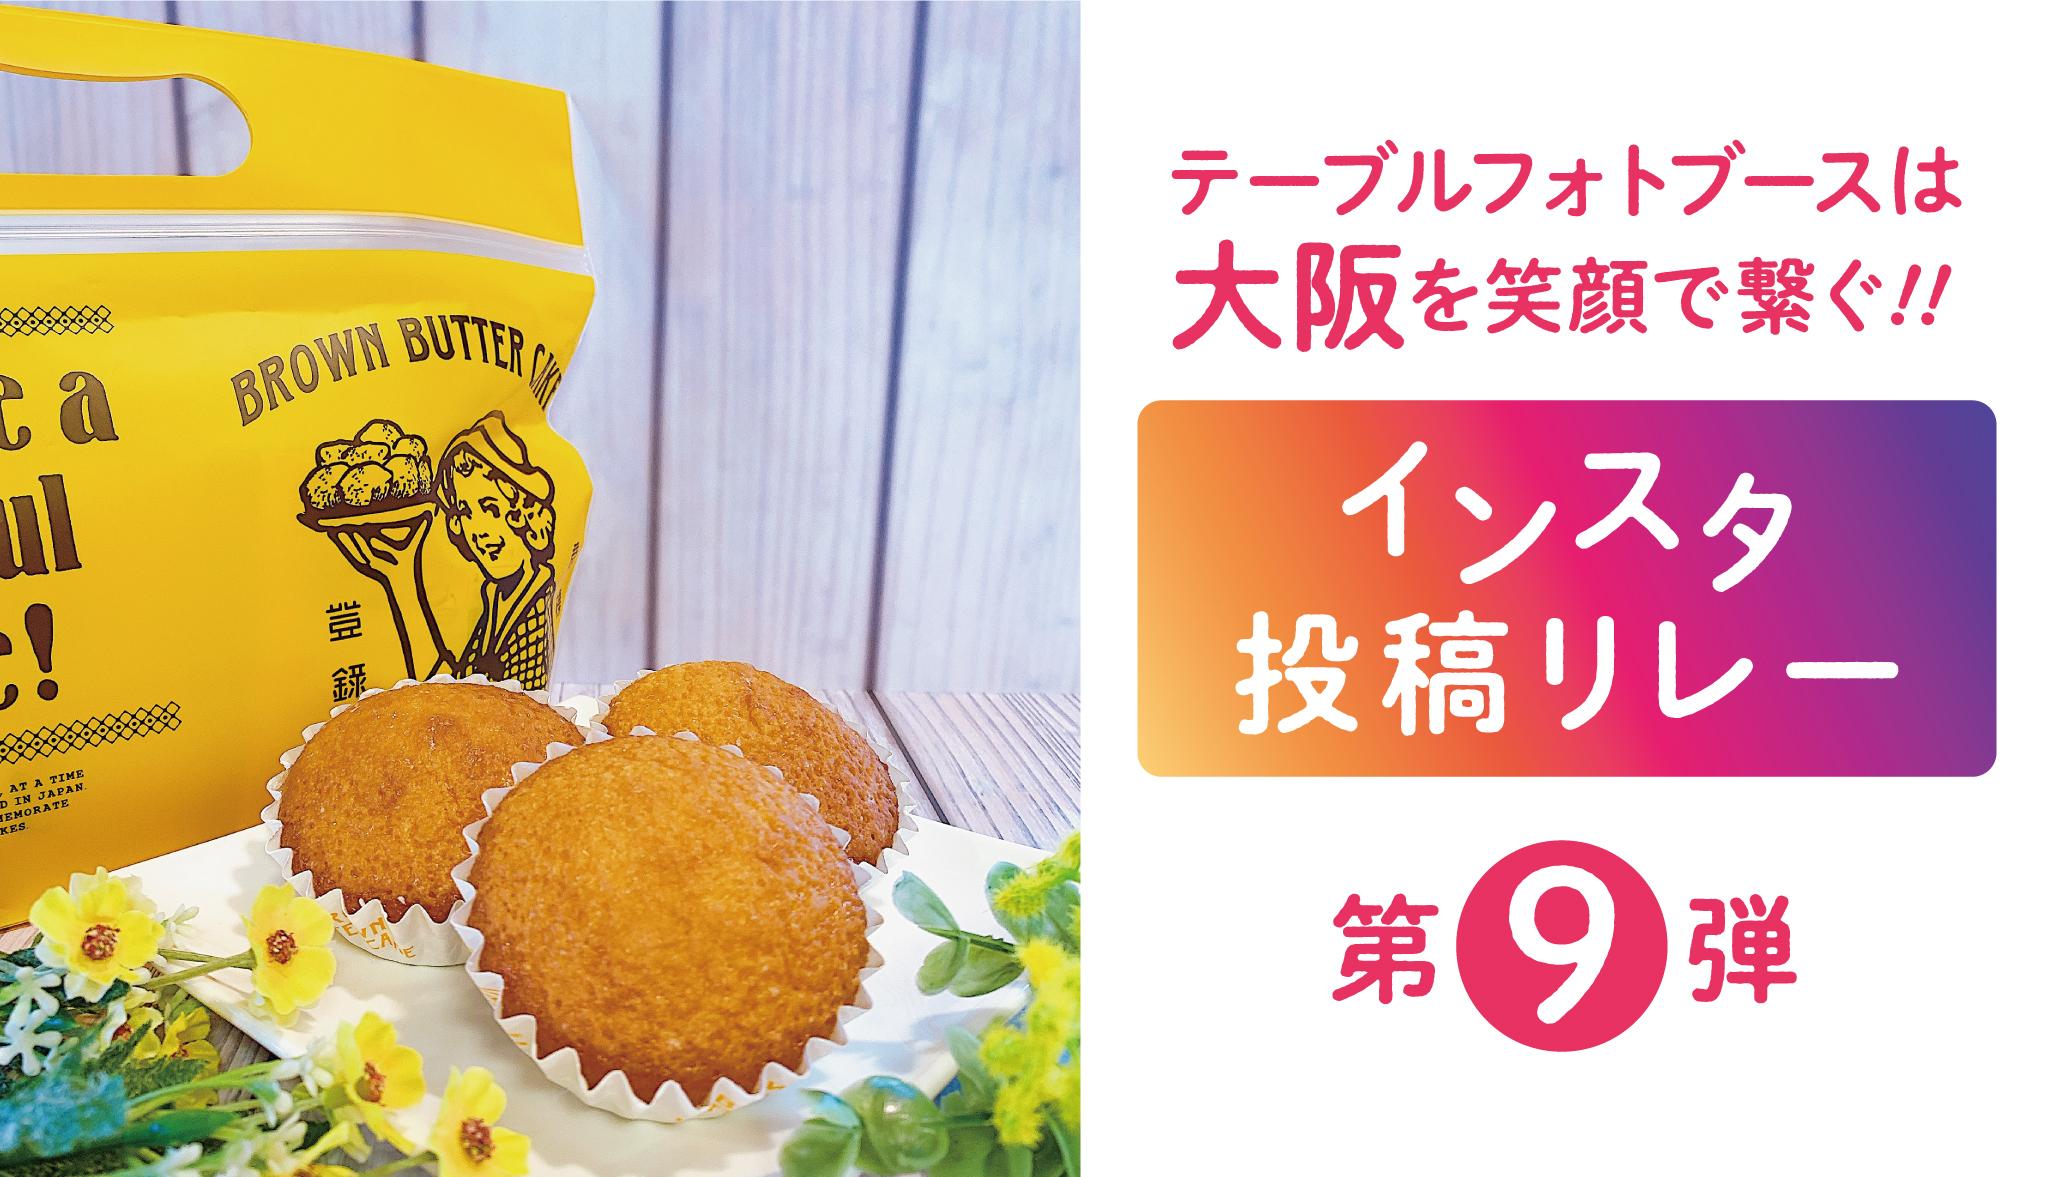 『テーブルフォトブースで大阪を笑顔で繋ぐ!!インスタ投稿リレー』第9弾!!